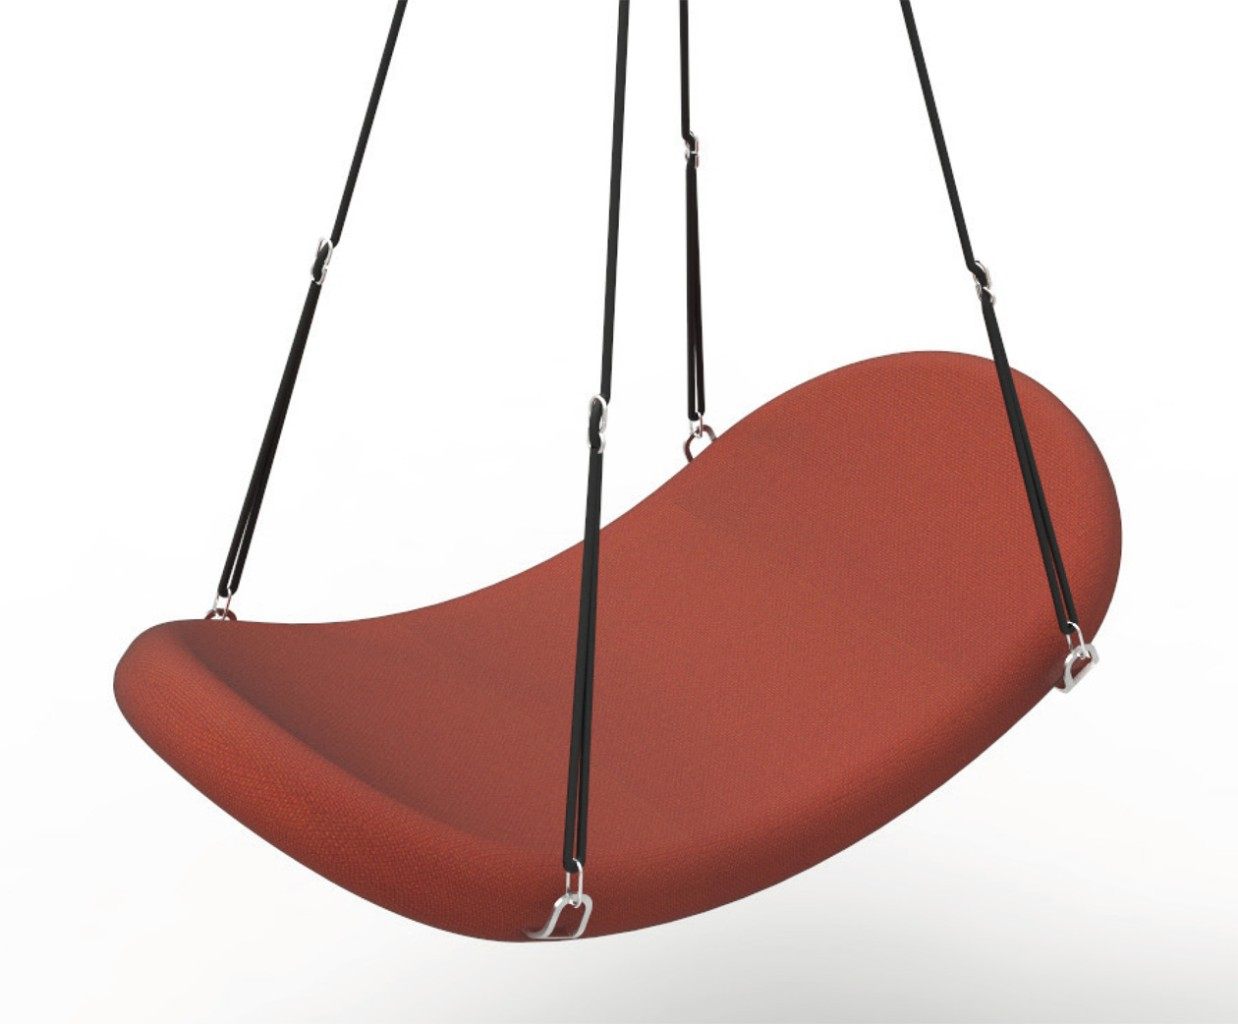 Flying-chair-panton-verpan